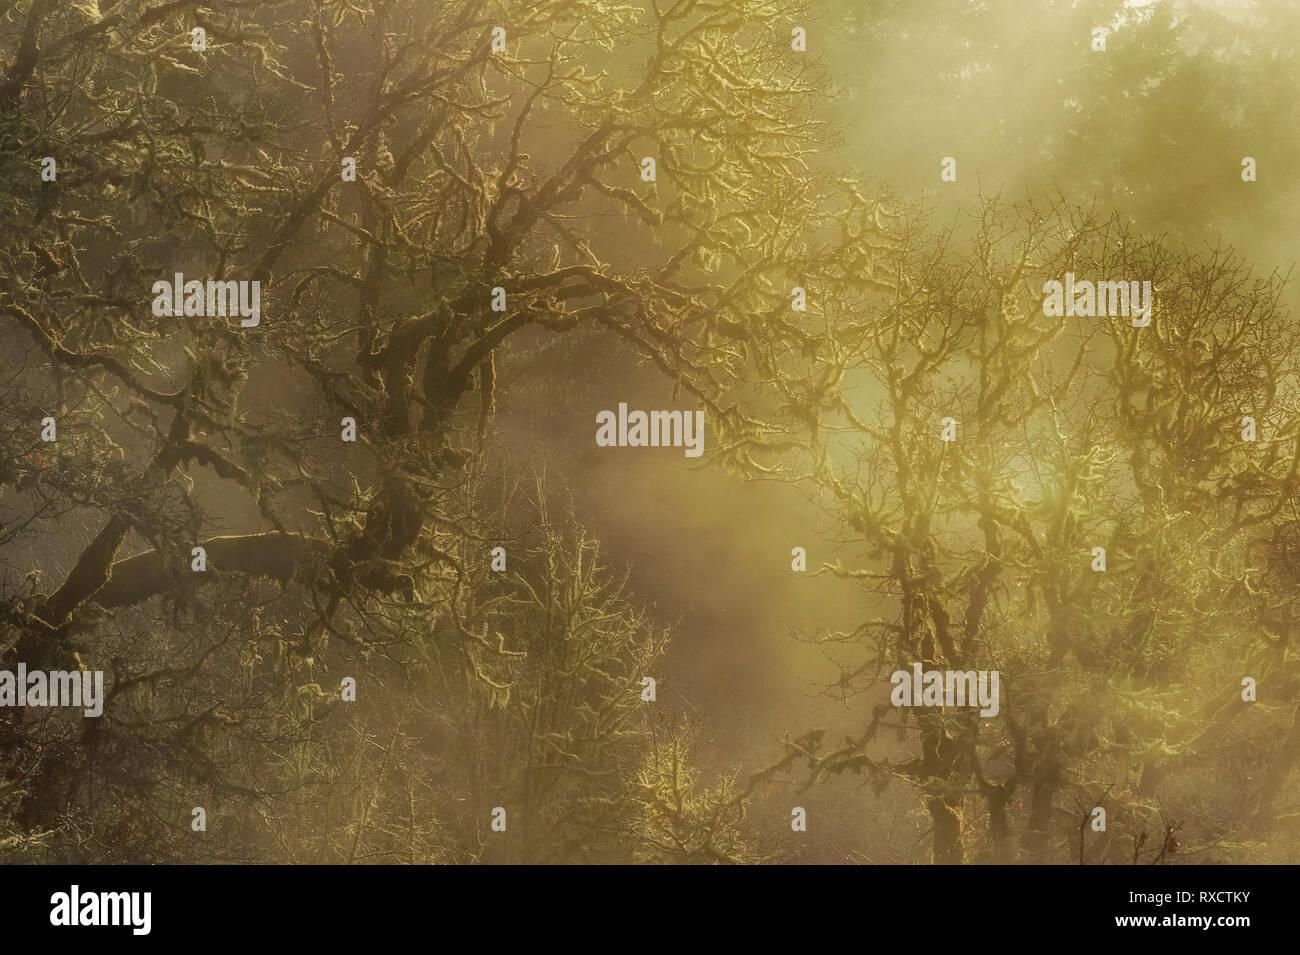 Luce del sole dorato fornisce una scena onirica come rompe attraverso la fitta nebbia in una foresta di alberi. Immagini Stock